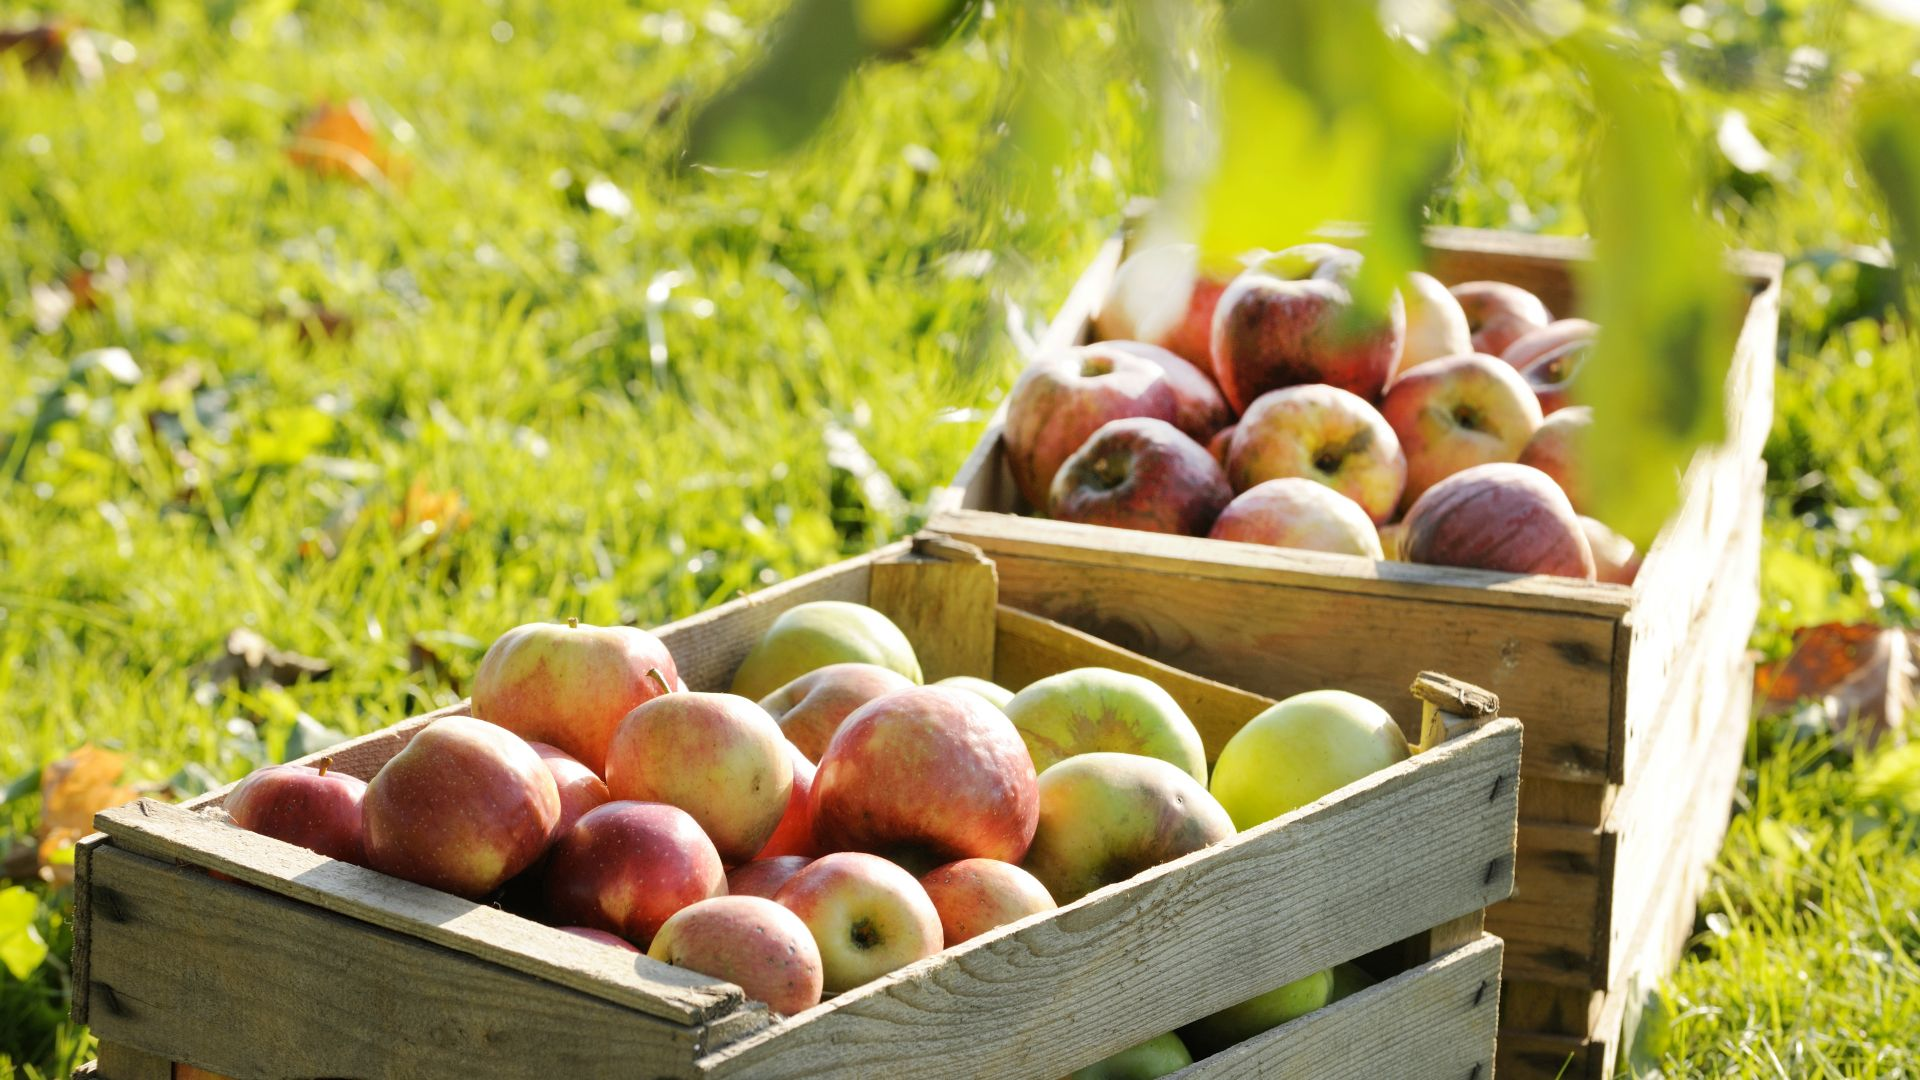 Chiemgau: apple crates on a farm